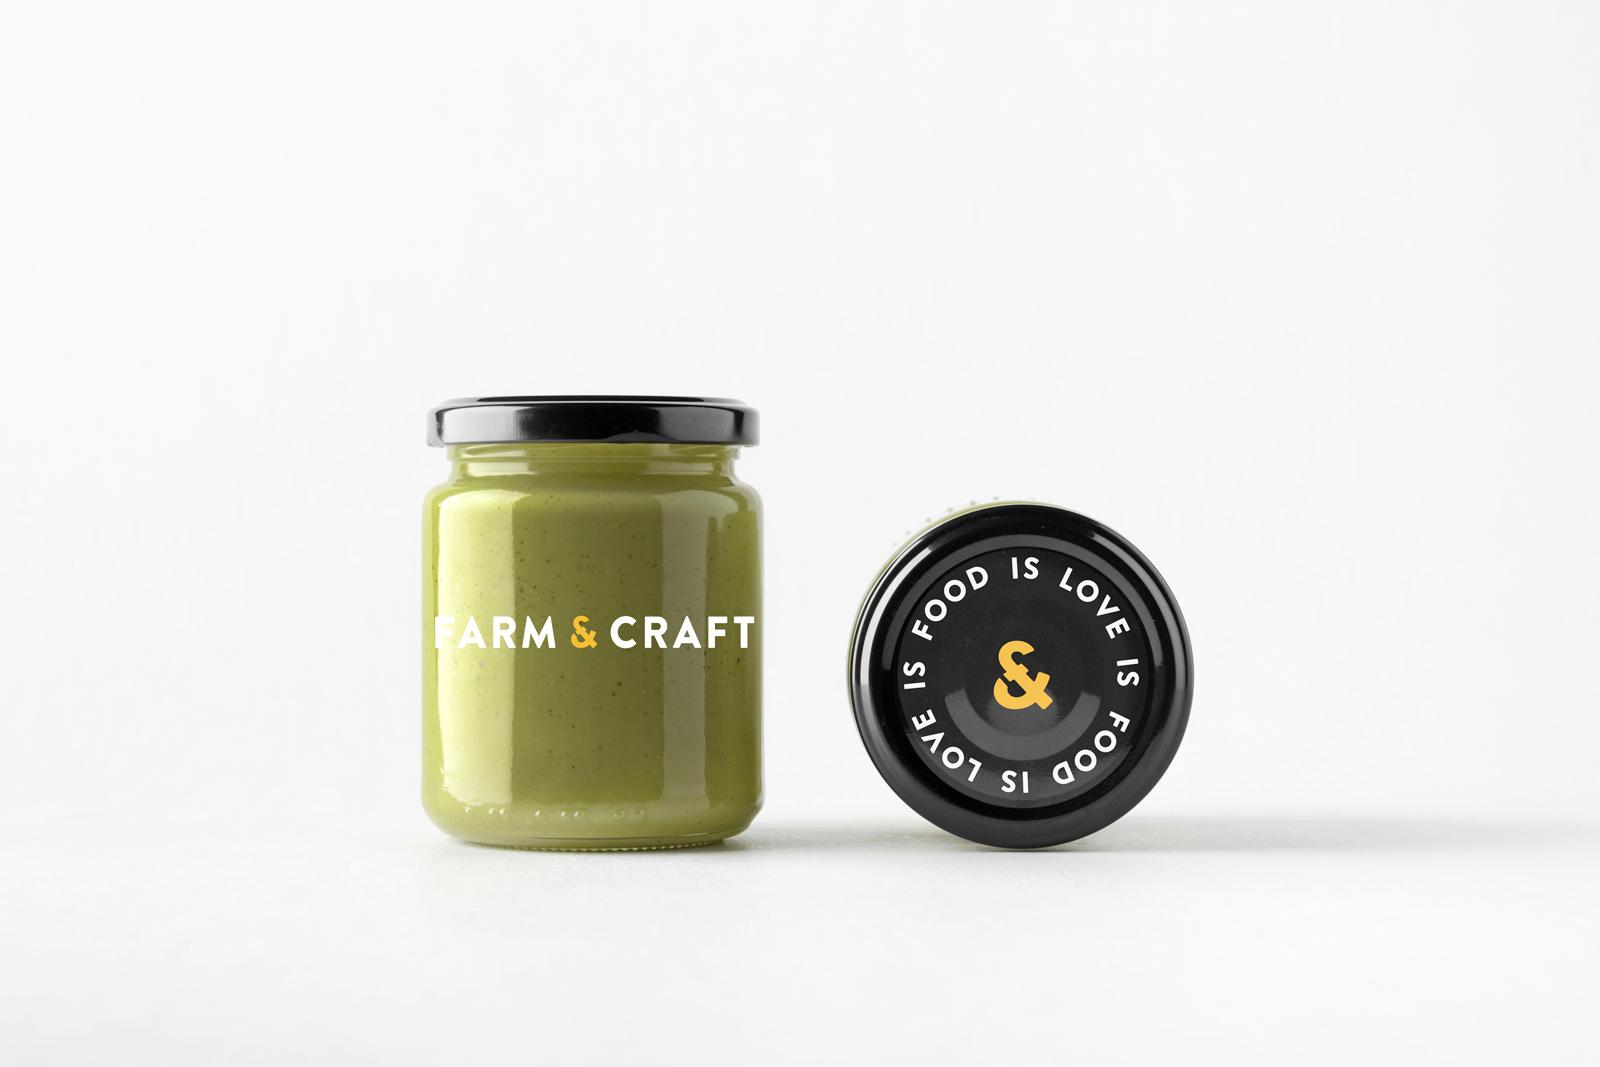 Packaging: Jar